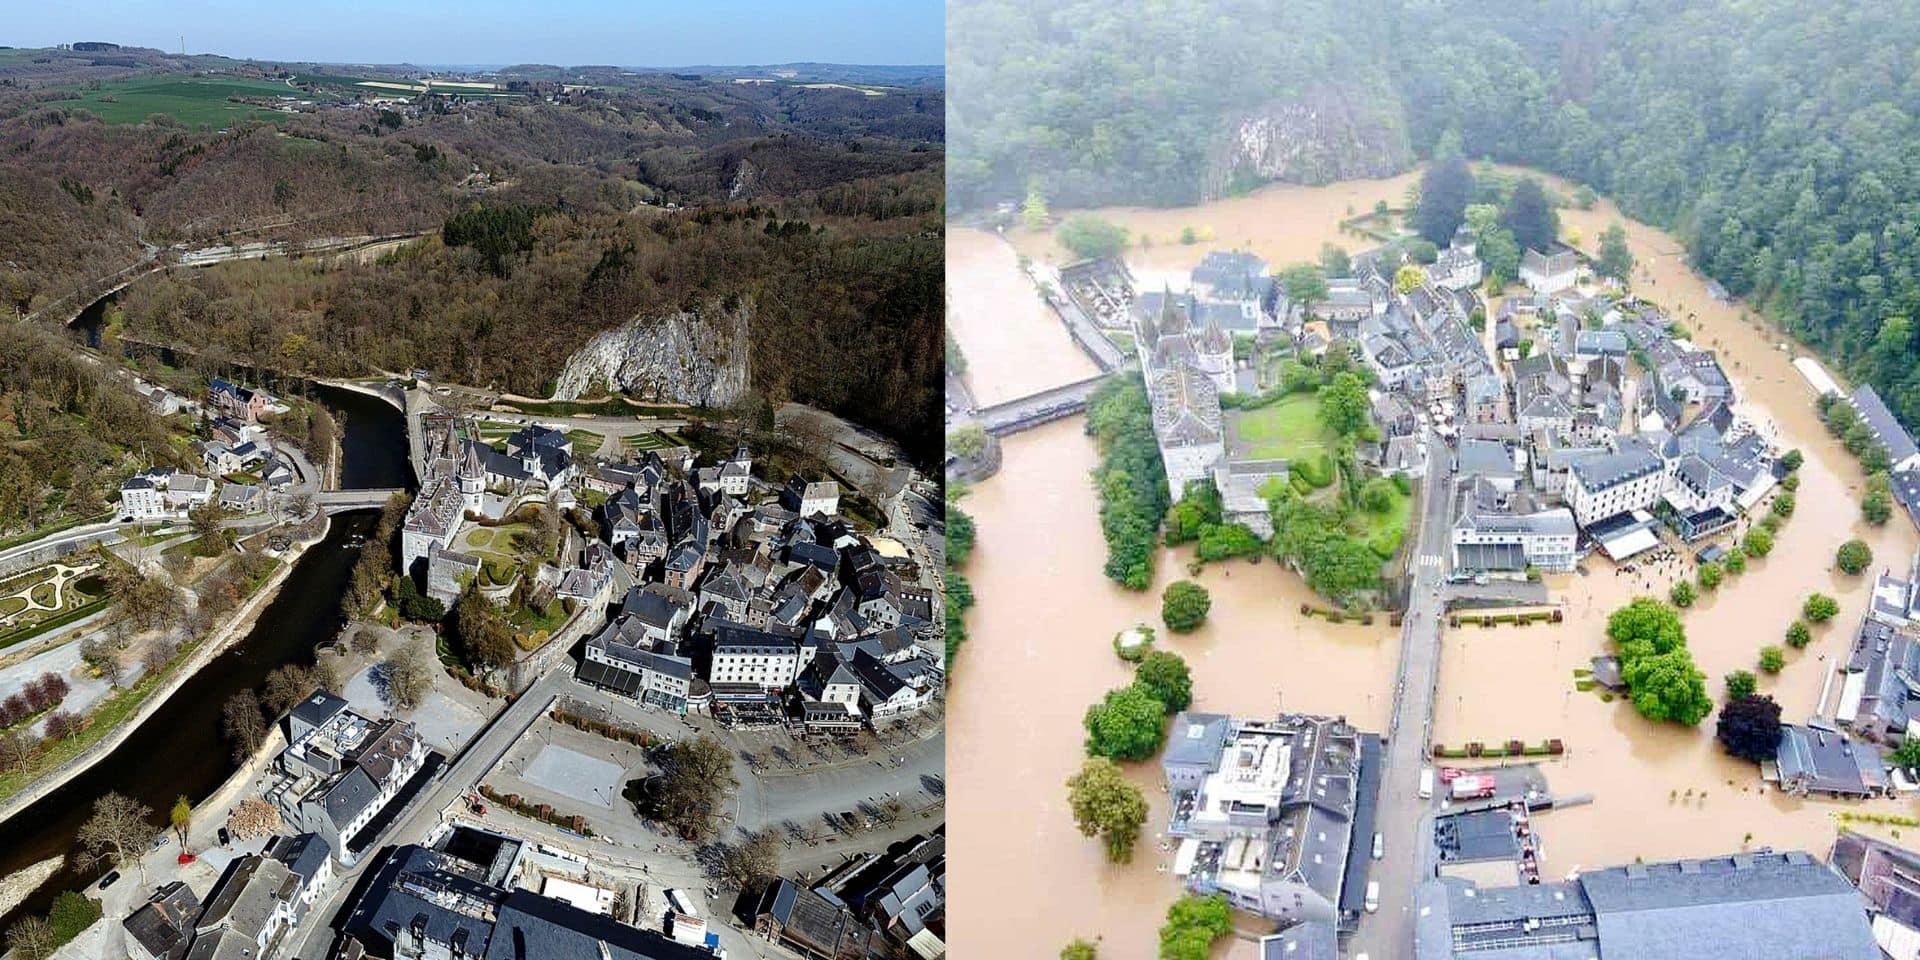 Durbuy sous eau : de gros dégâts pour la plus petite ville du monde